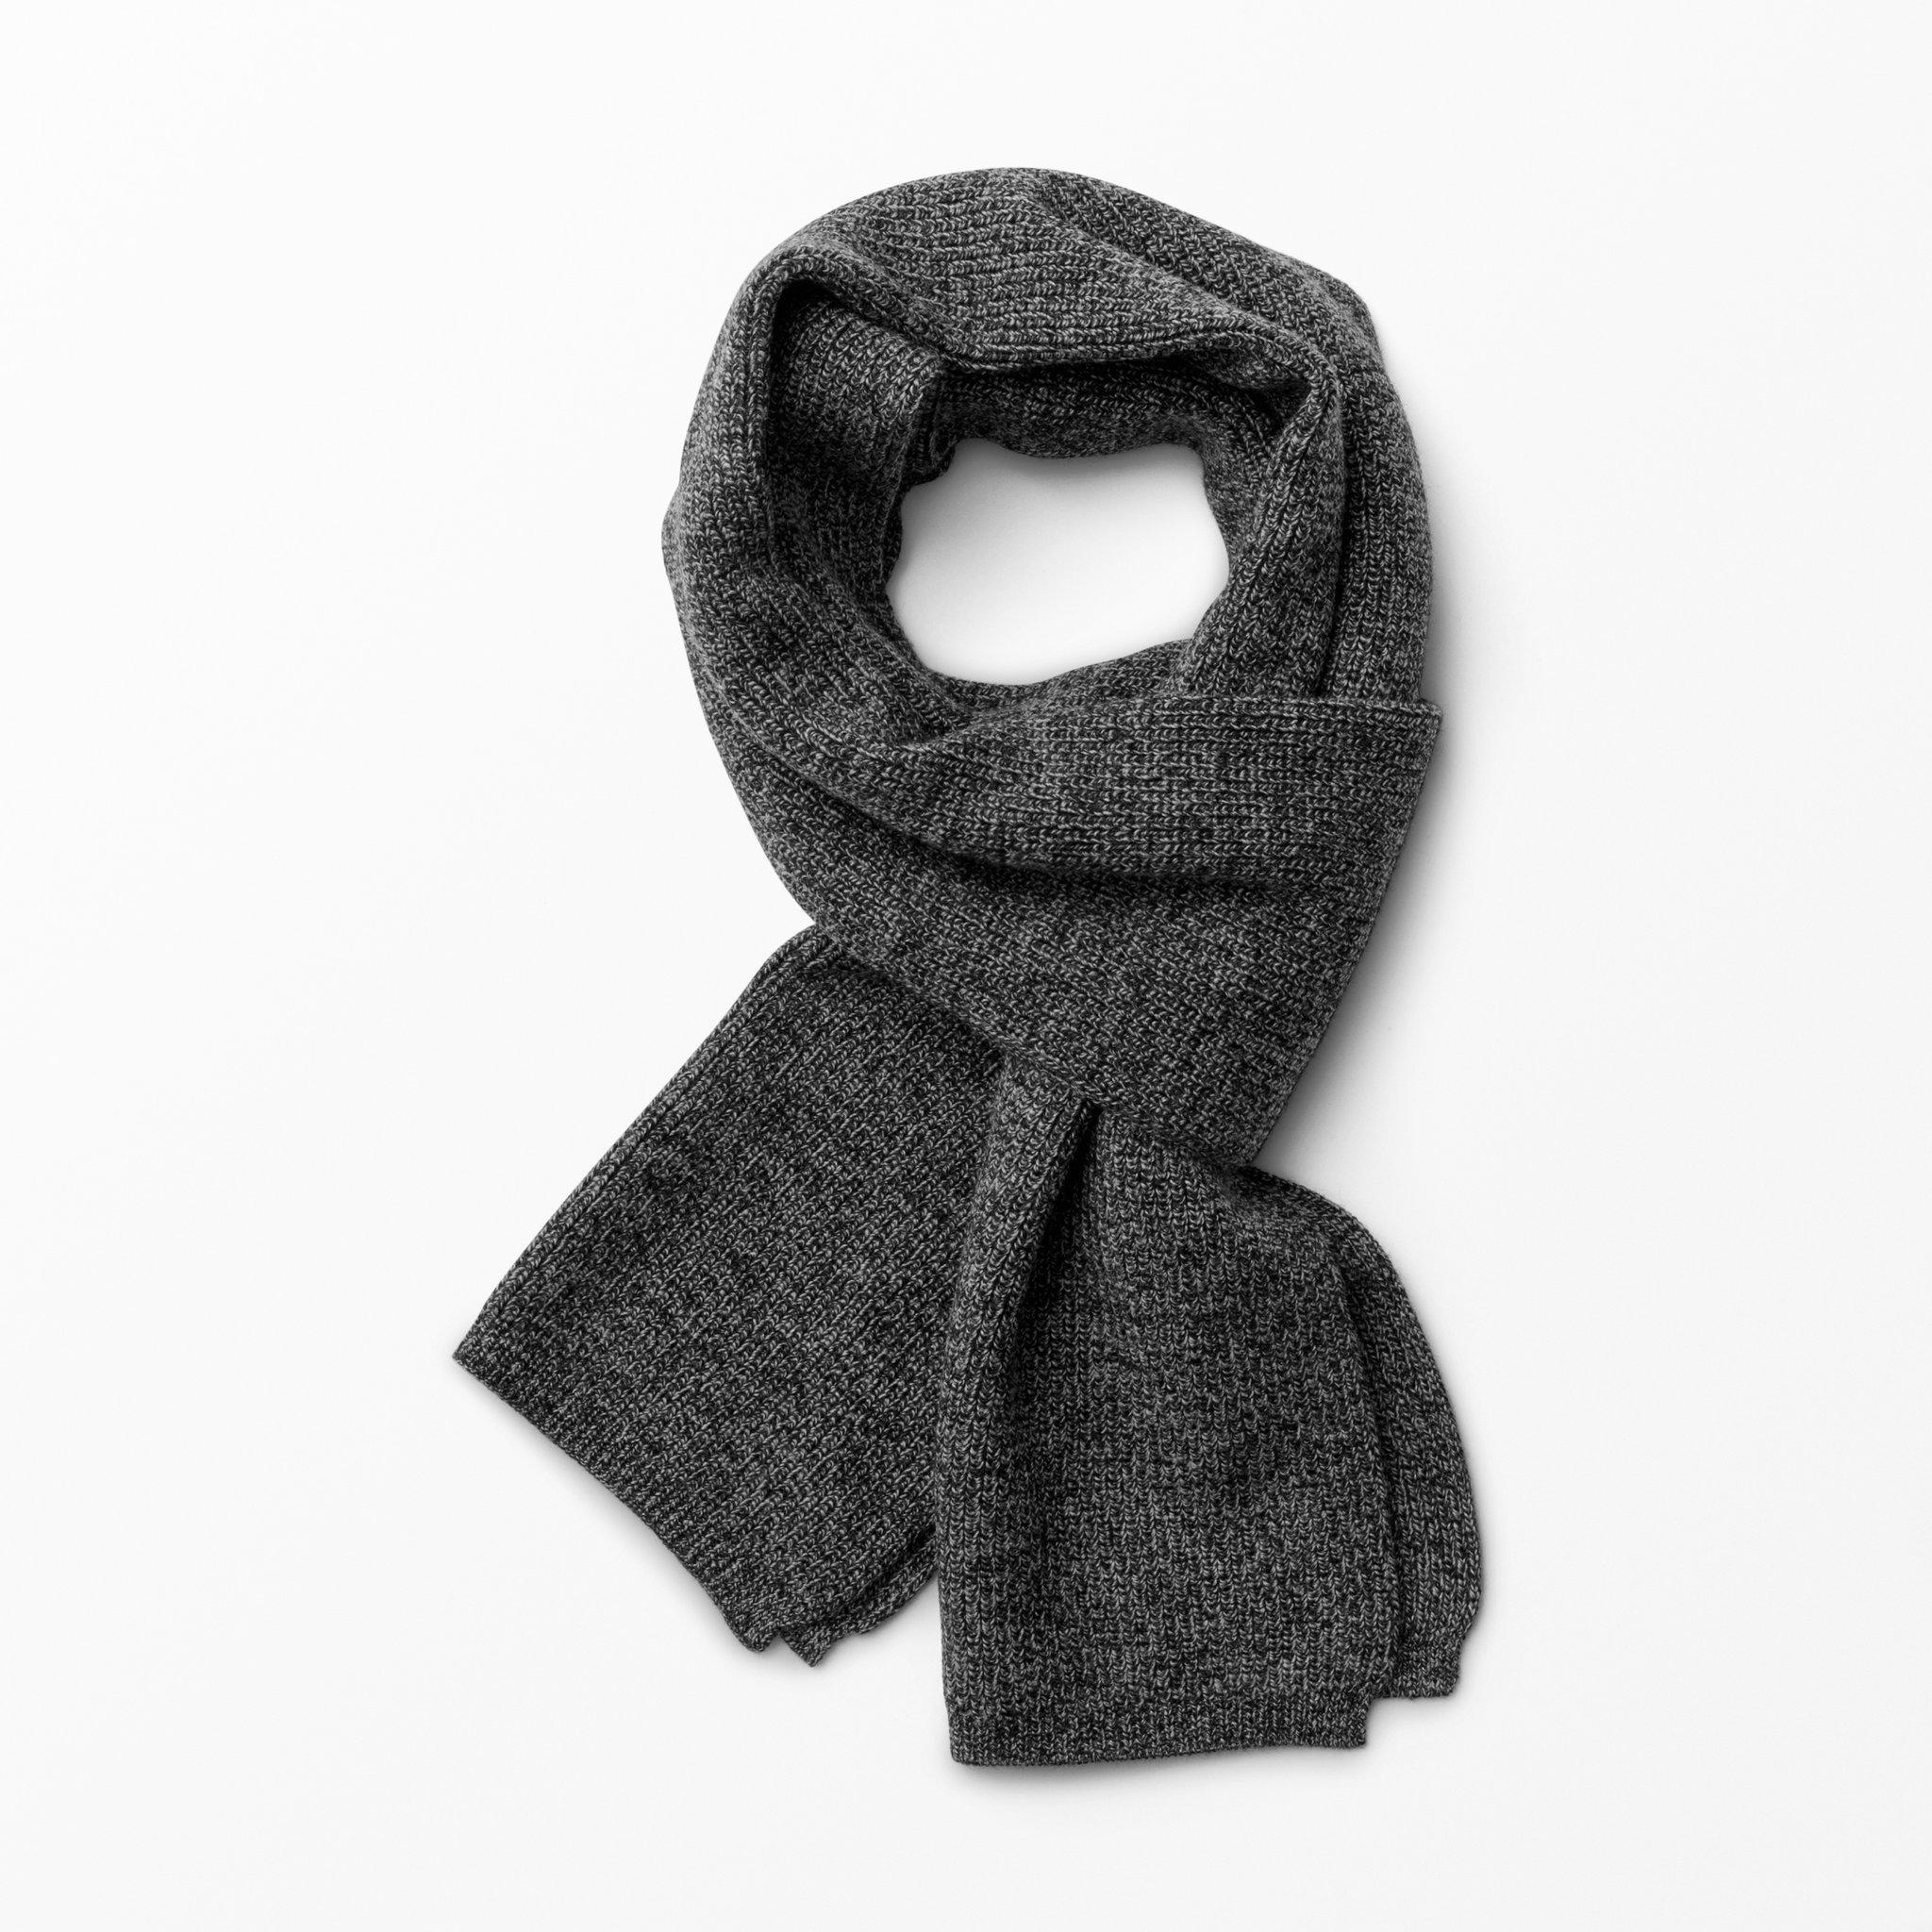 Halsduk i ull - Accessoarer - Köp online på åhlens.se! 05c5597cb5731